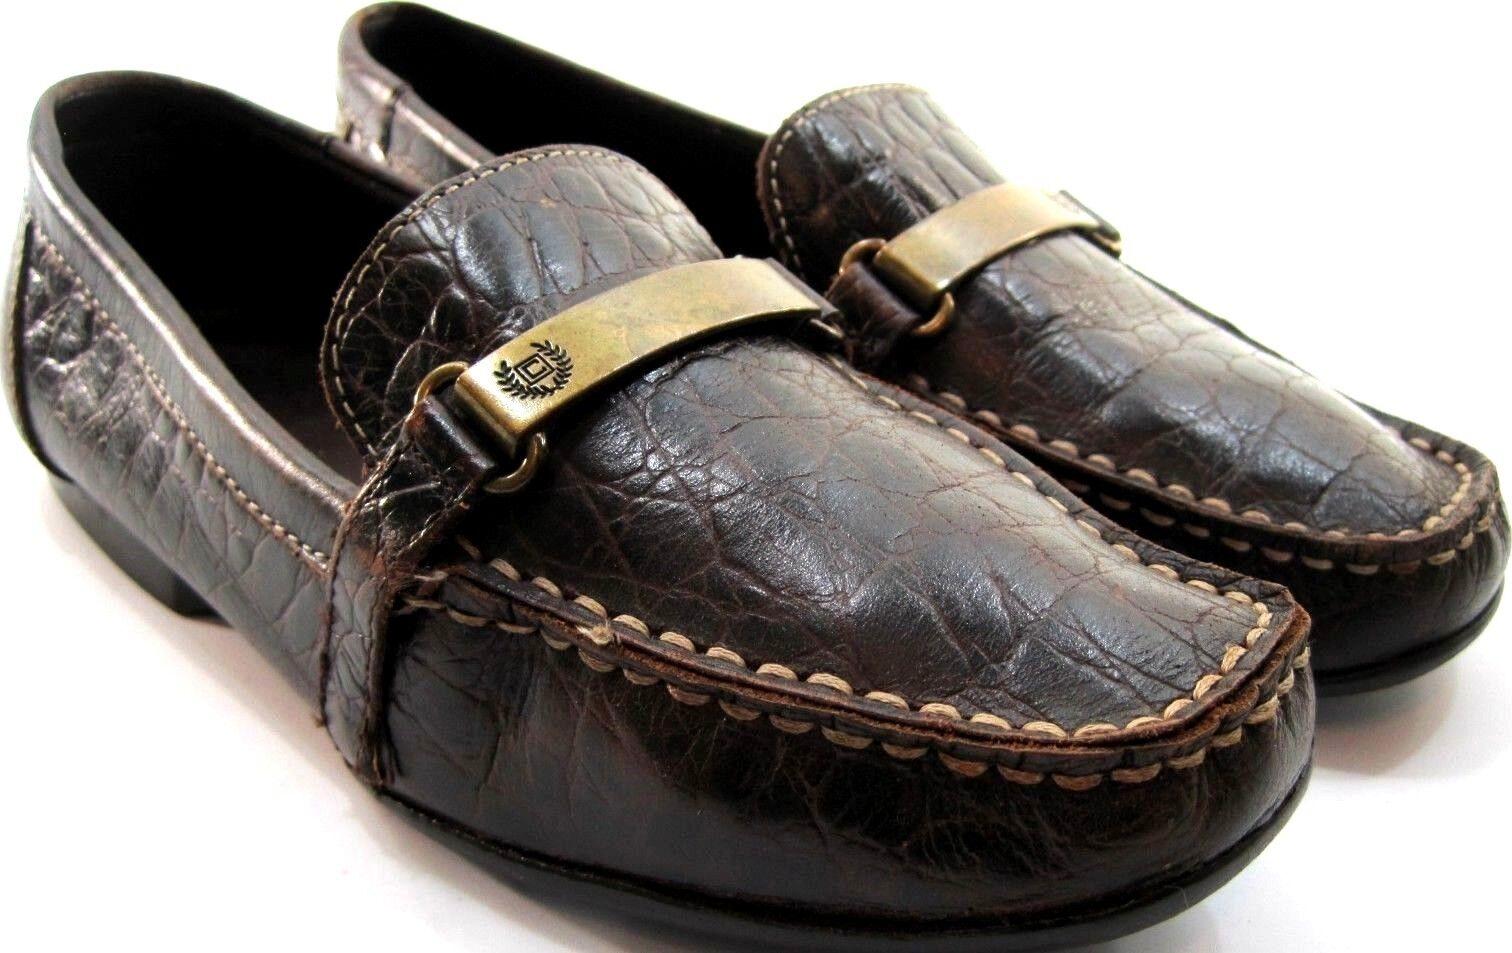 Chaps Damens Loafers Größe 6 B Braun Leder Gator Embossed Leder.